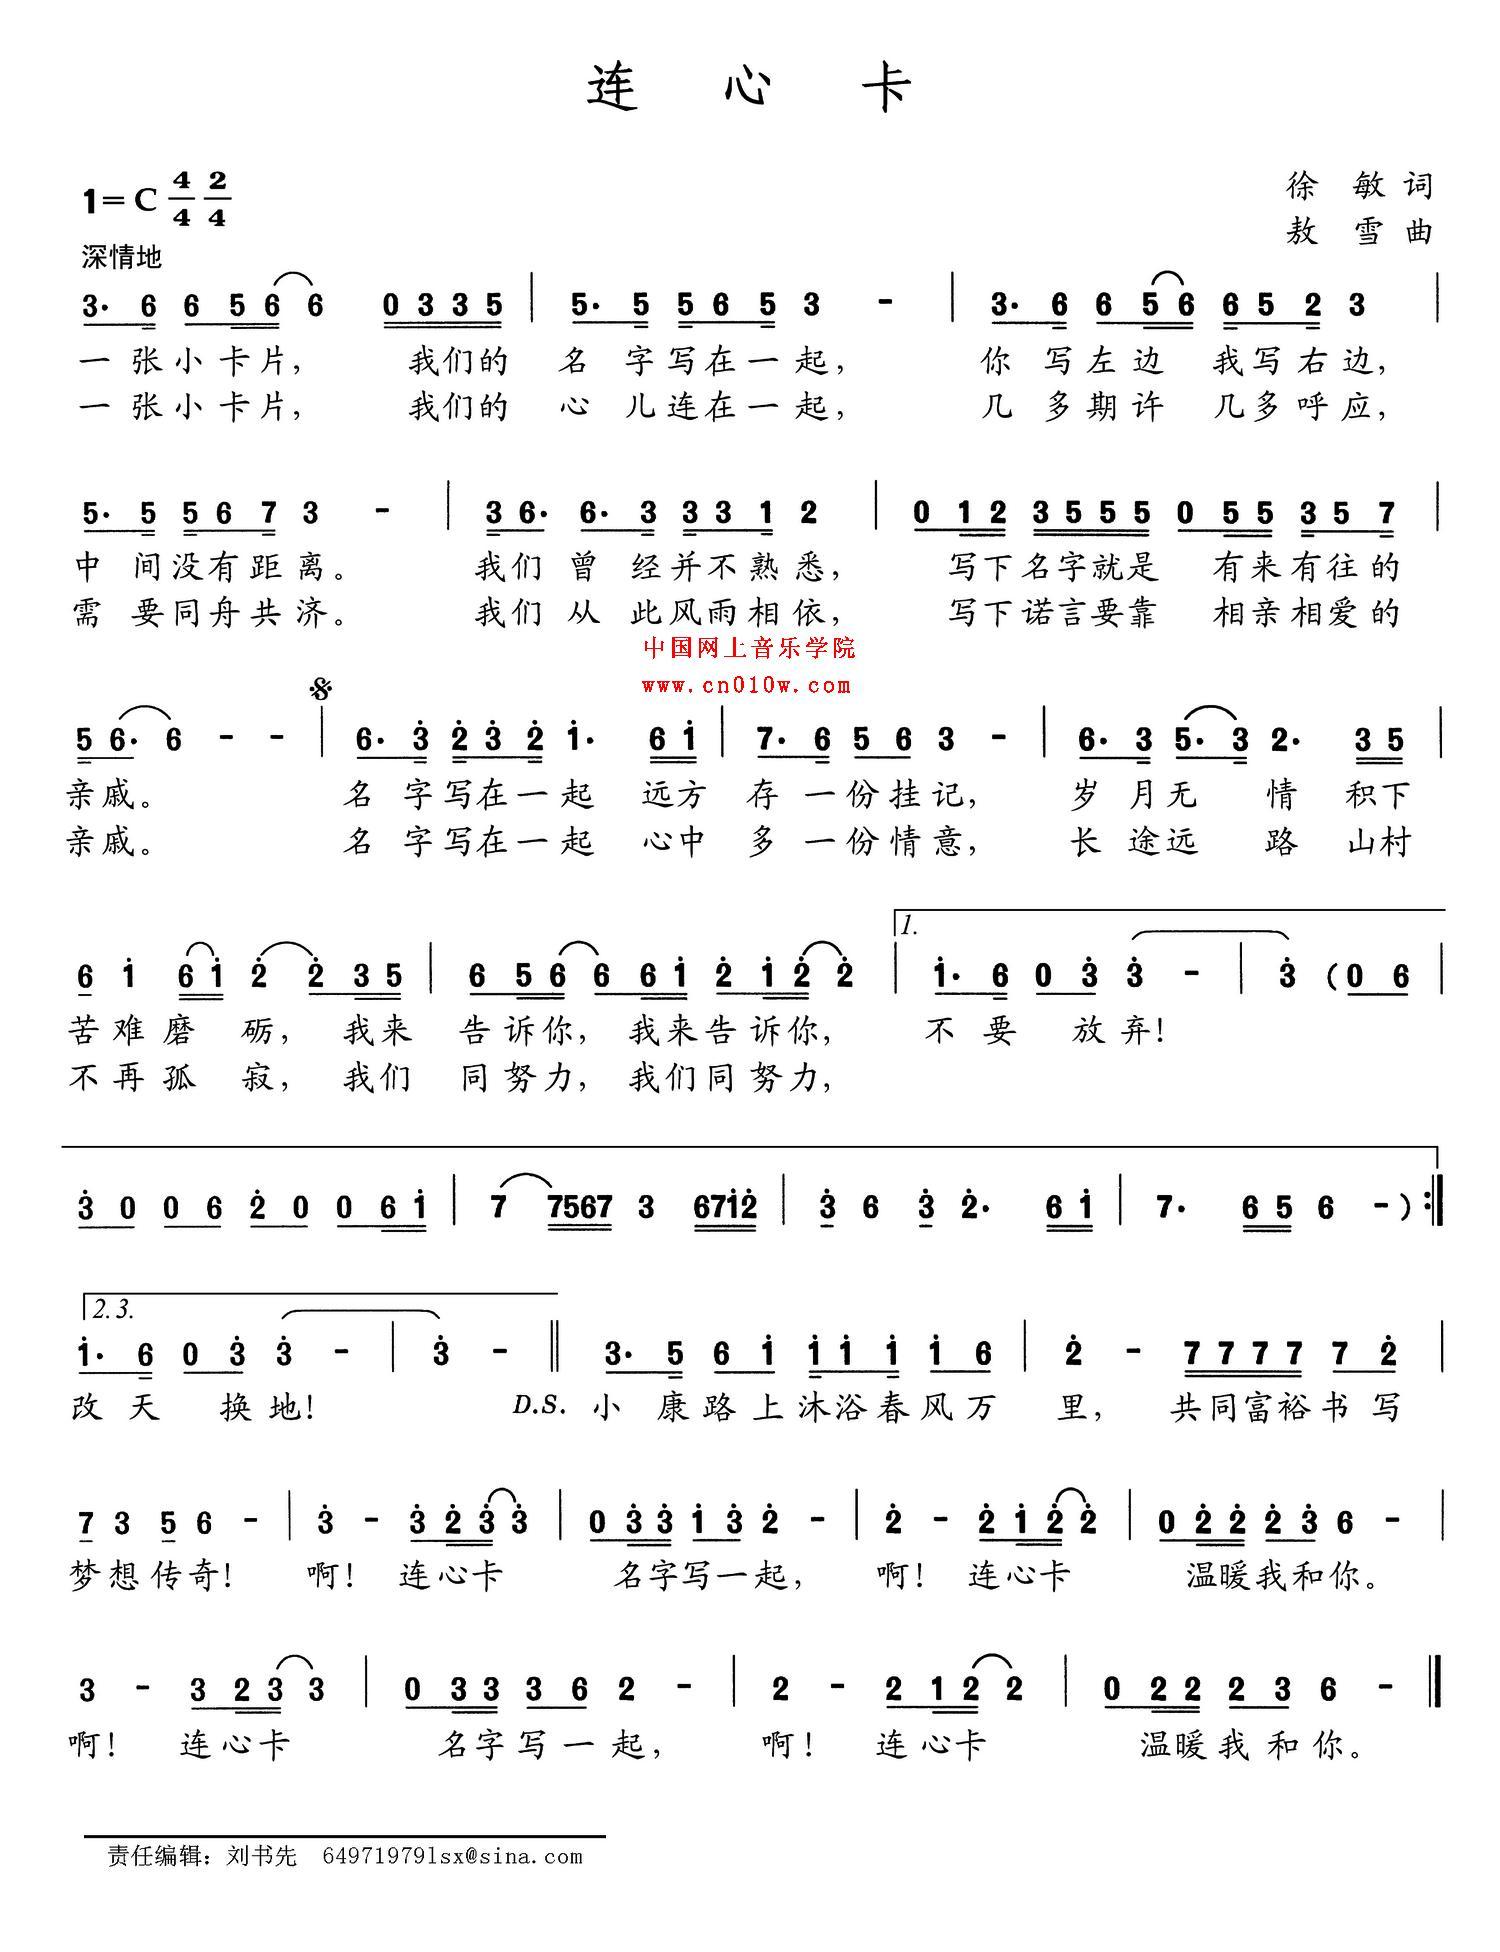 感恩的心民乐乐谱-民歌曲谱 连心卡